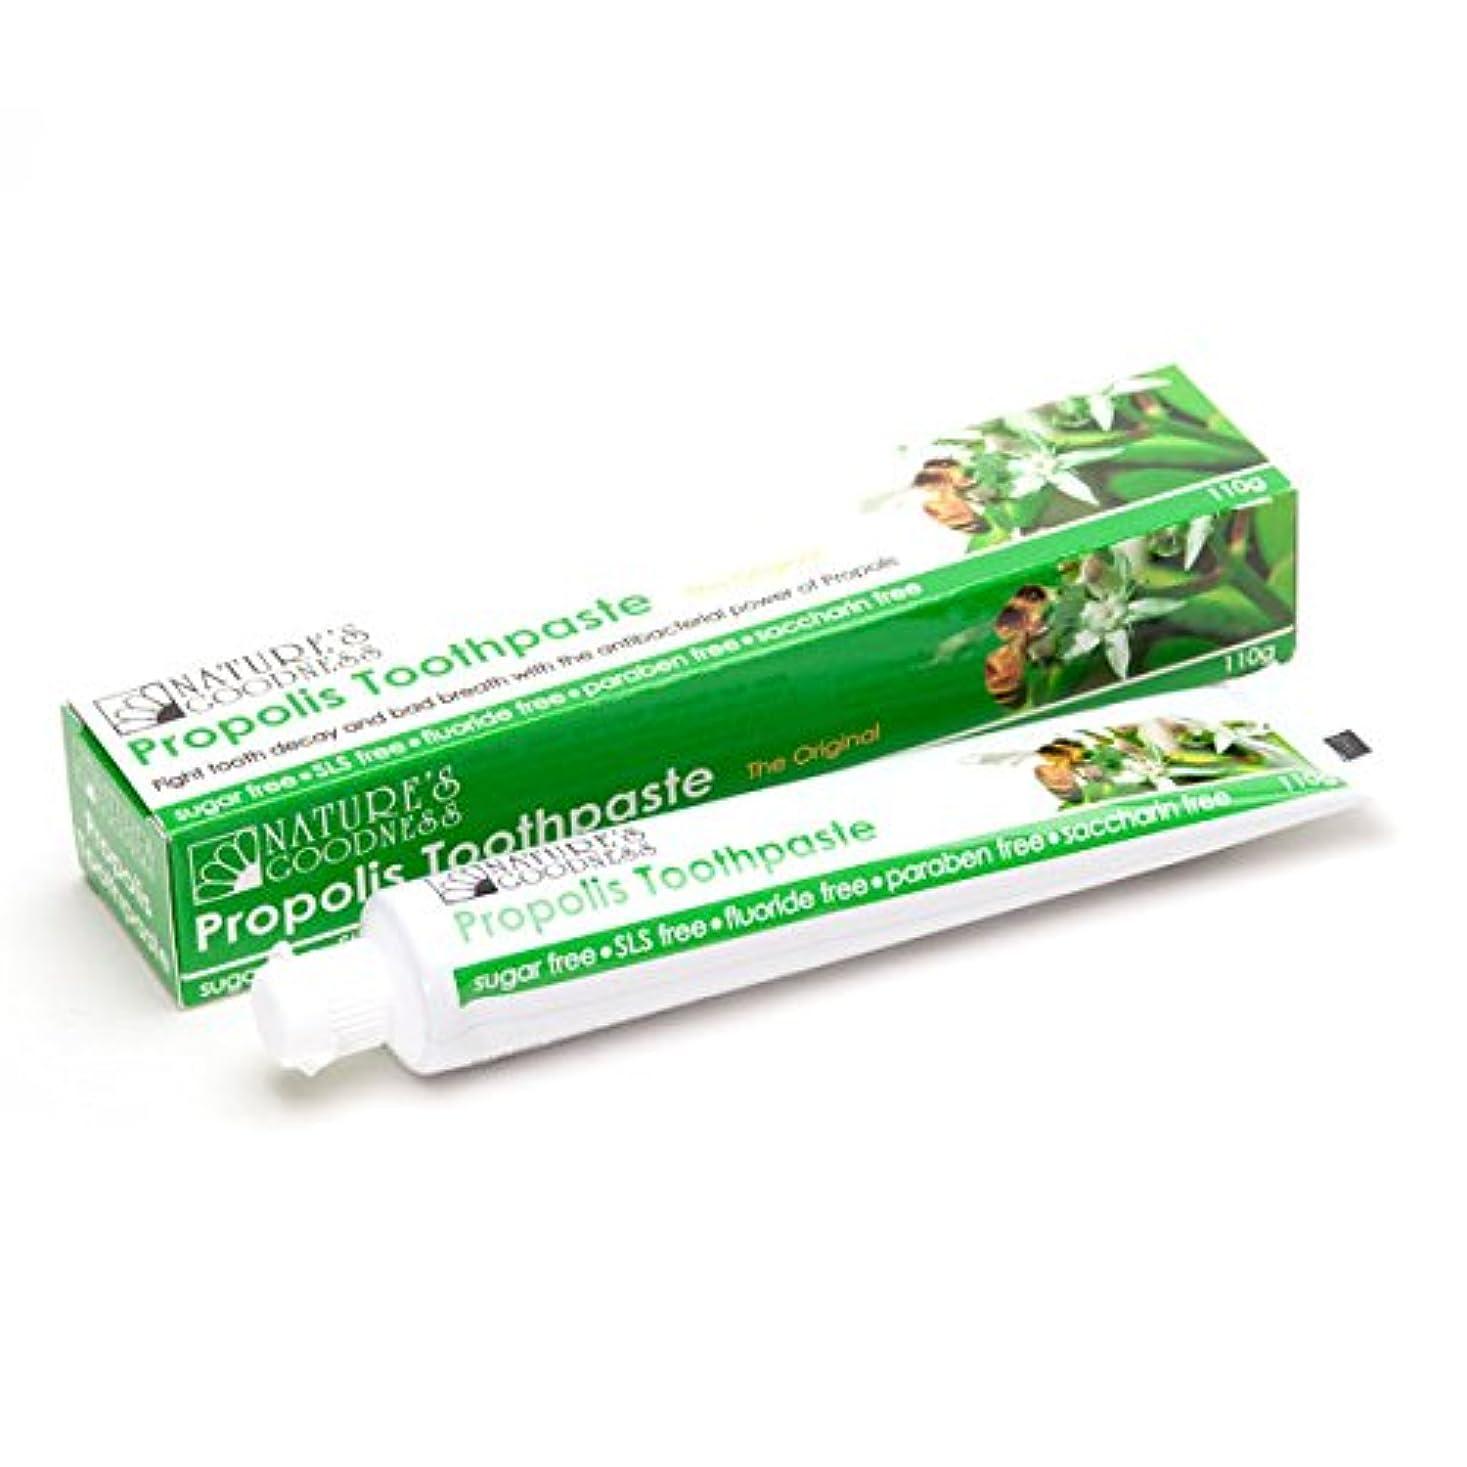 免疫セッションインフルエンザ[Nature's Goodness] ネイチャーズグッドネス プロポリス歯磨き粉110g x3個セット【海外直送】